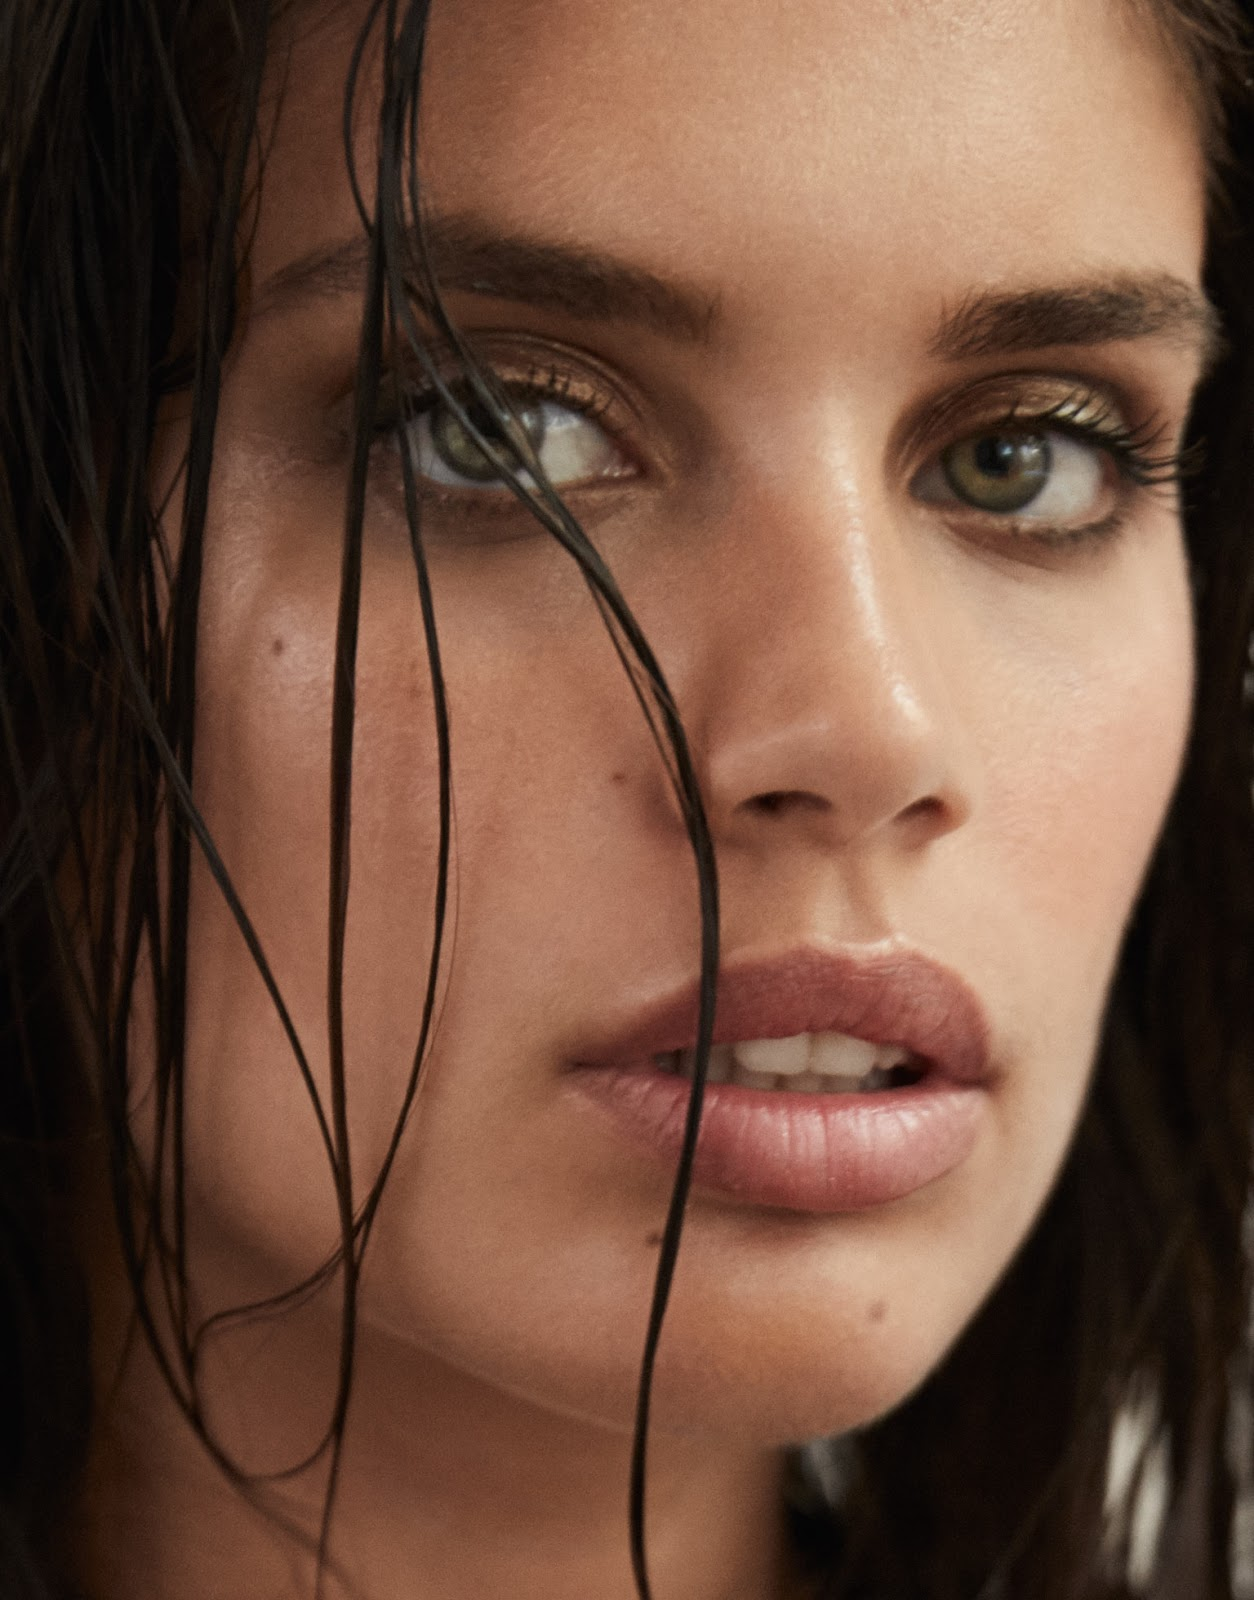 Hot Right Now The Edit August 2016 / Sara Sampaio by Yelena Yemchuk